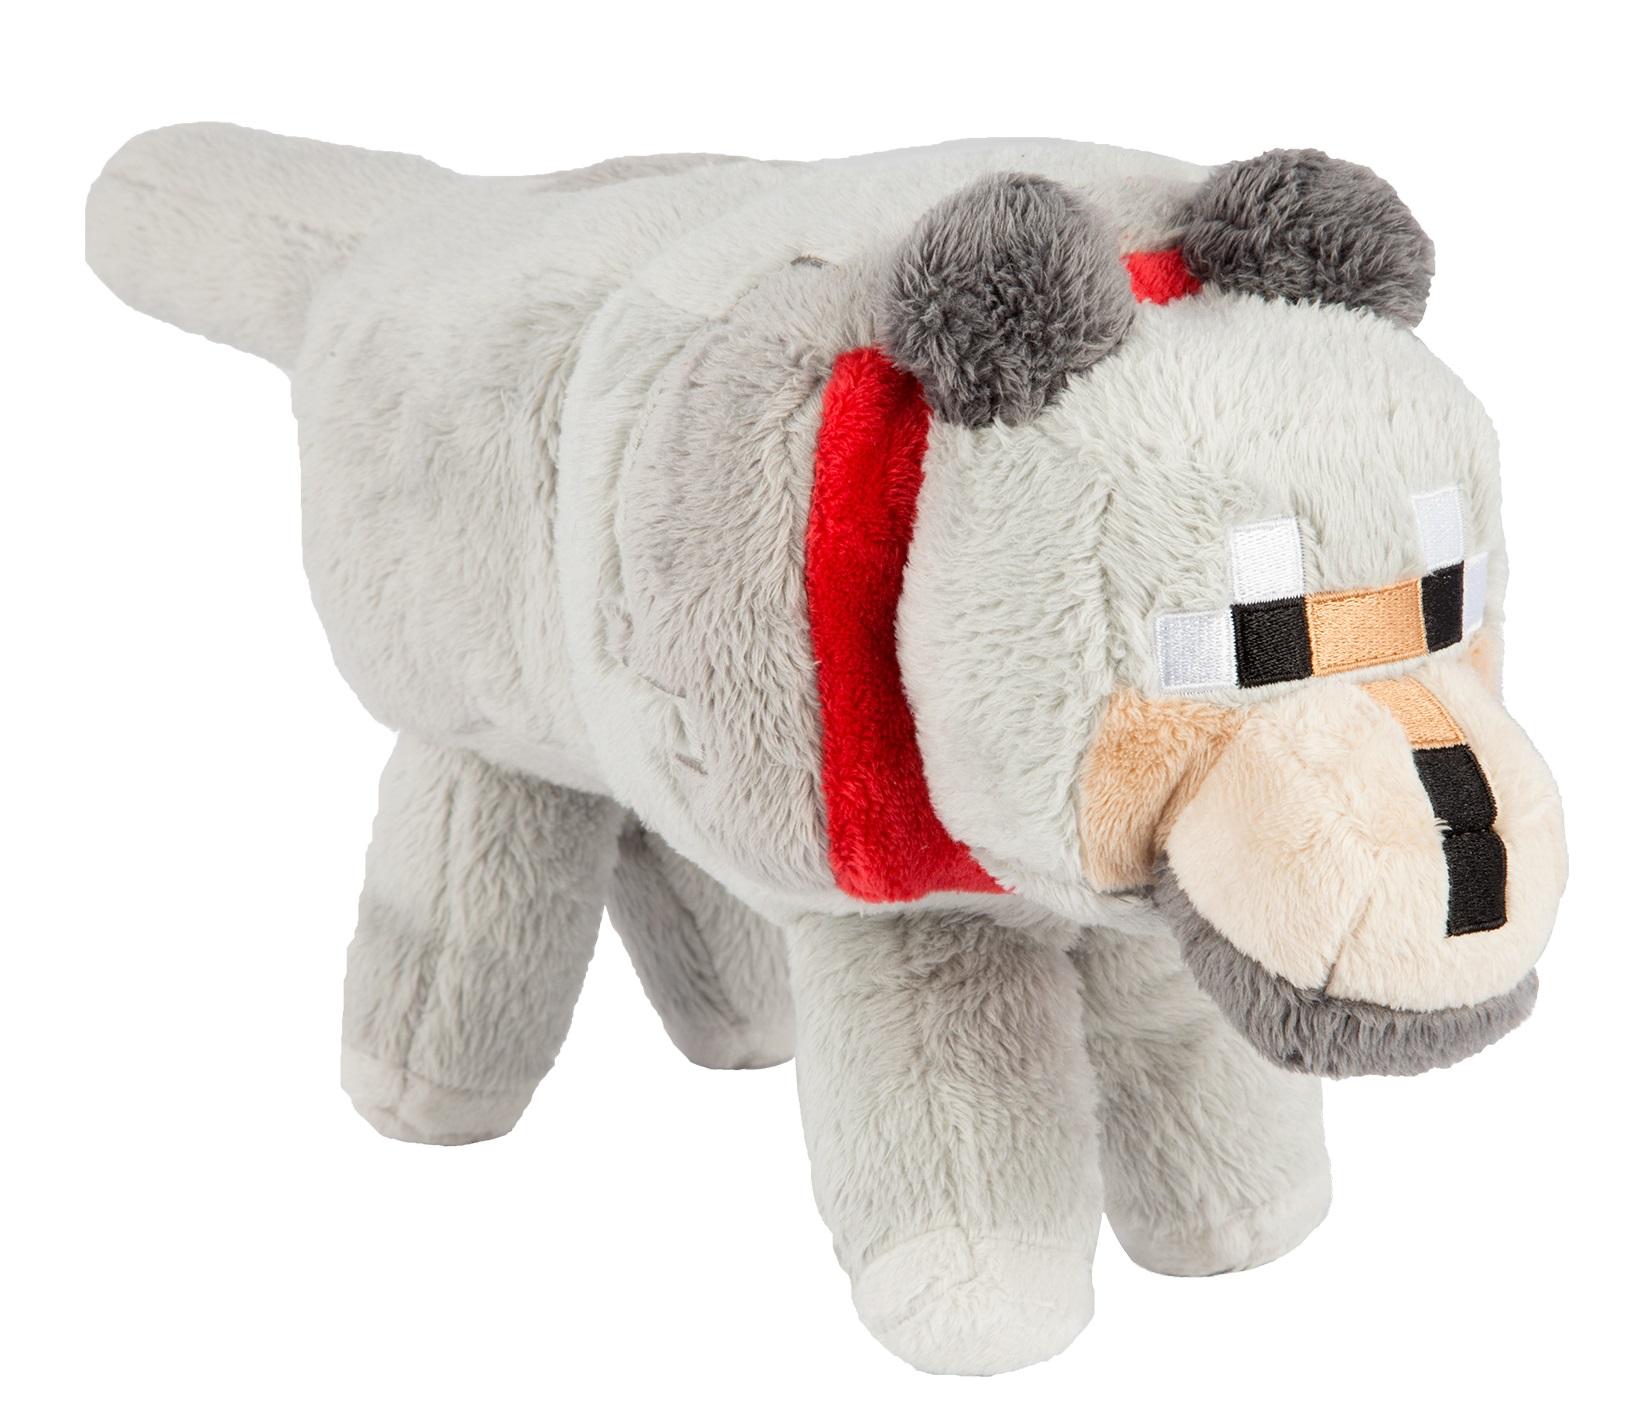 Мягкая игрушка Minecraft: Wolf (38 см)Мягкая игрушка Minecraft: Wolf создана для настоящих ценителей компьютерной игры Майнкрафт.<br>